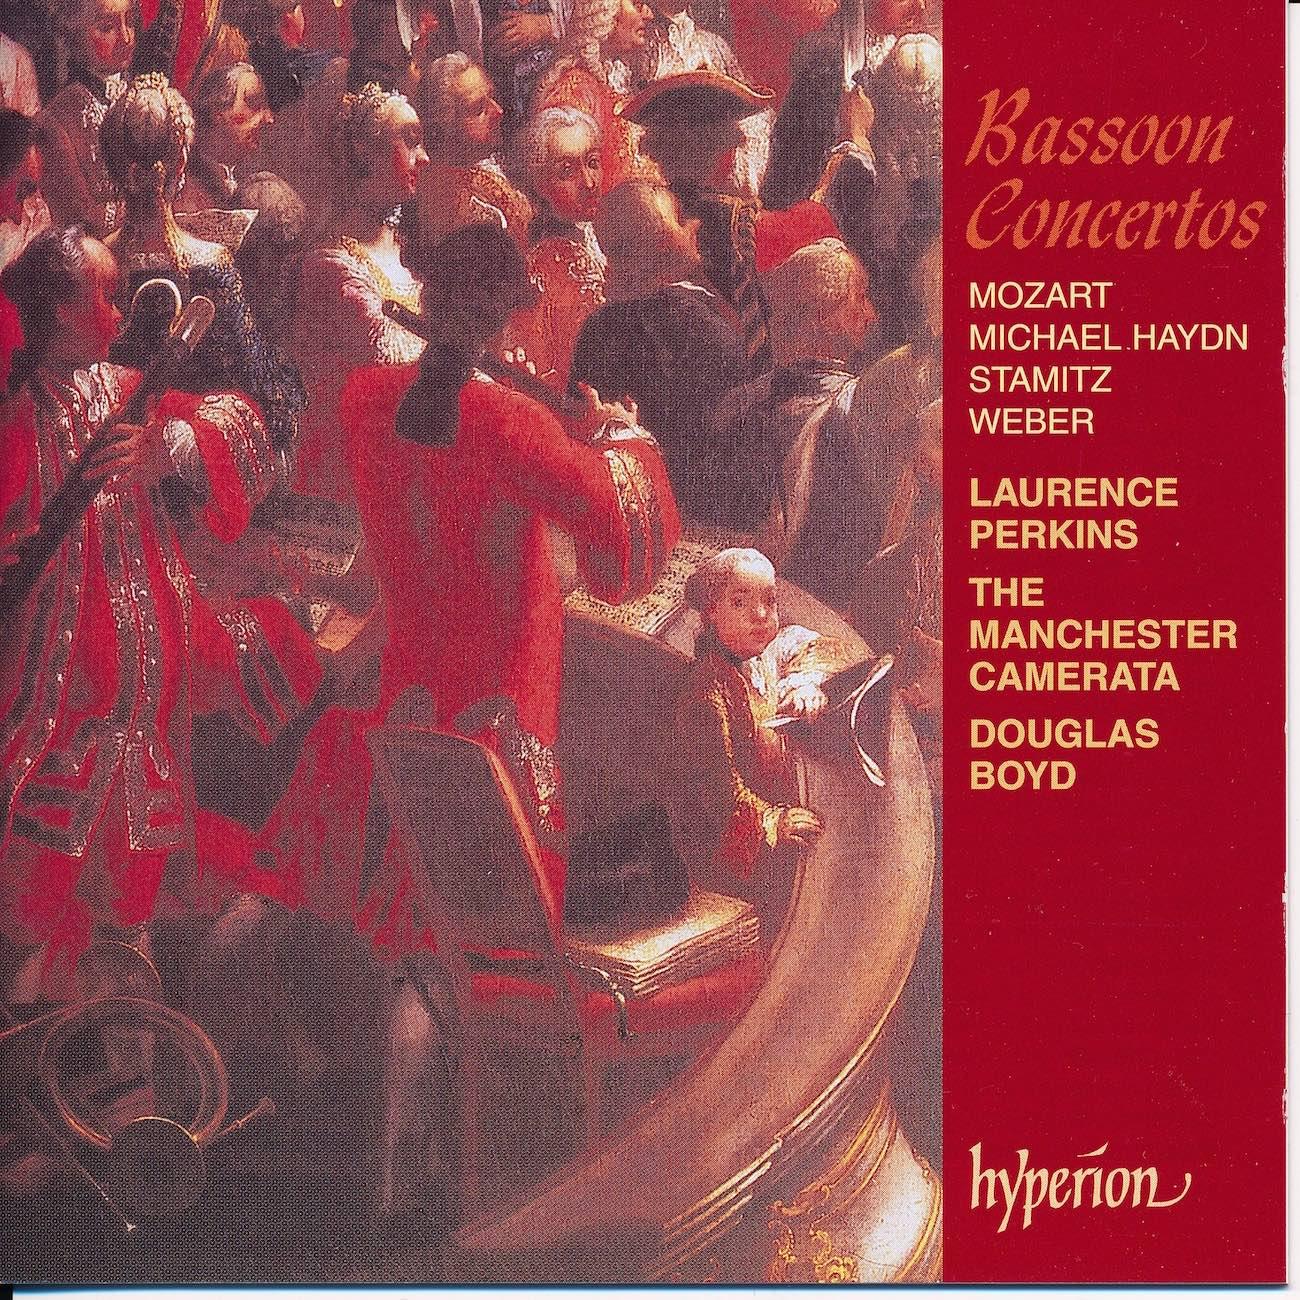 bassoon-concertos-lr